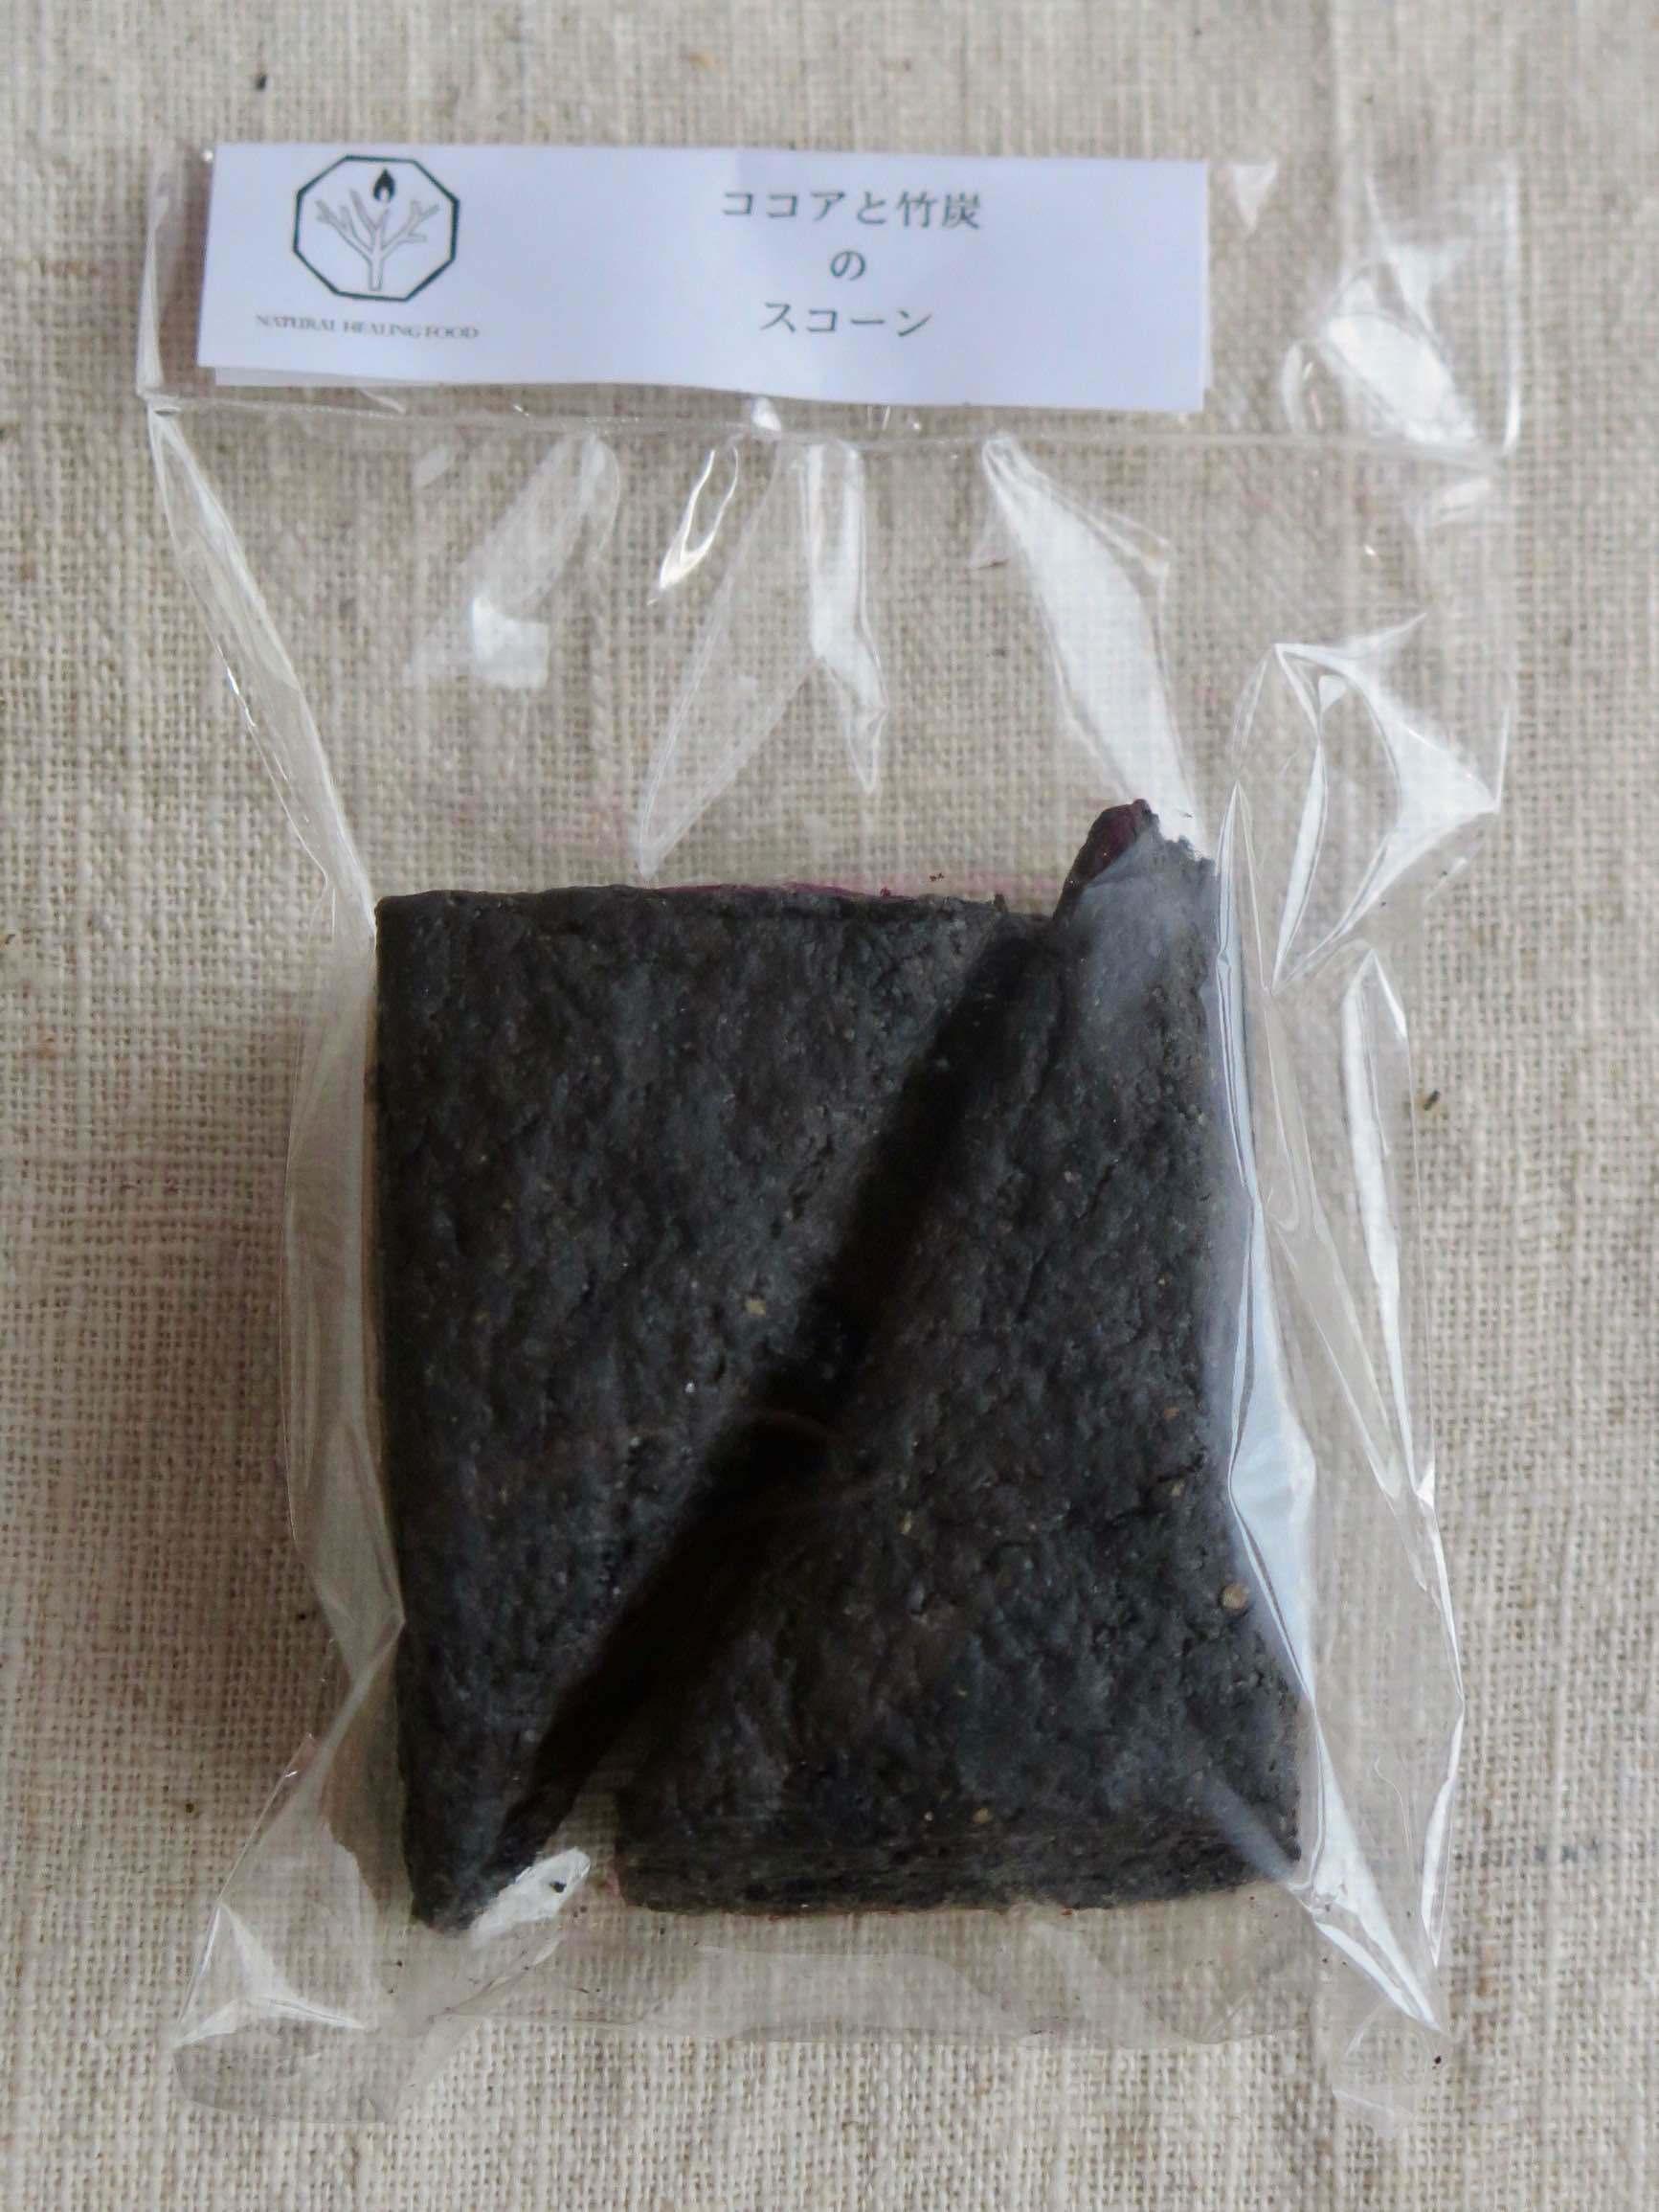 ココアと竹炭のスコーン - 画像1